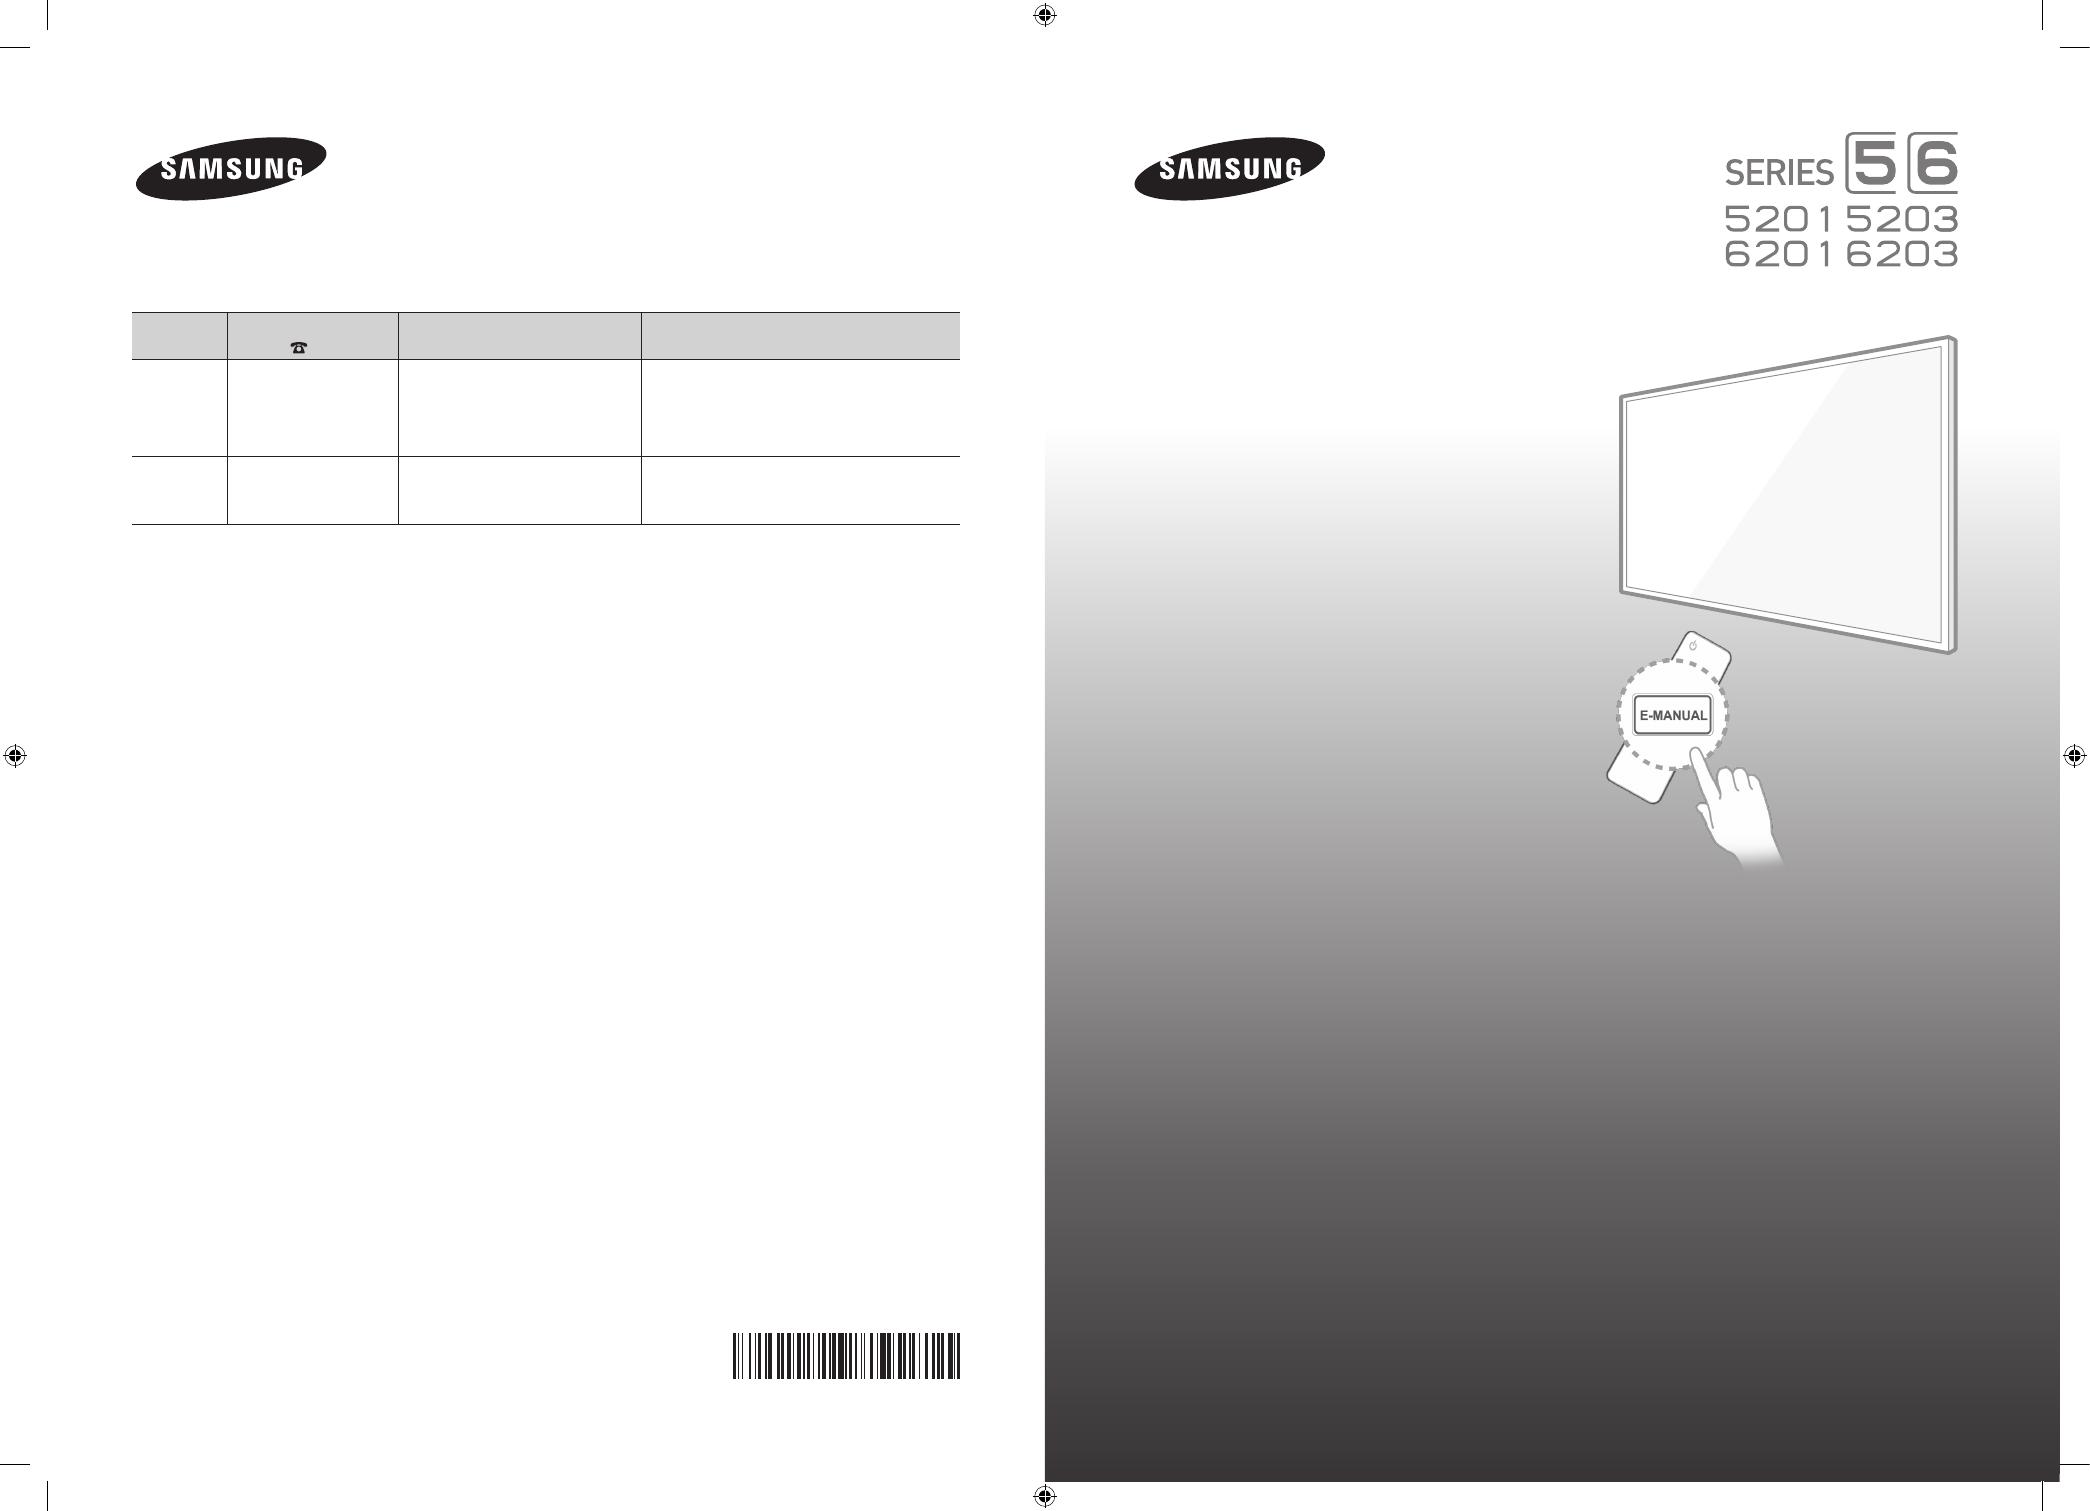 samsung un50h6203 user manual to the f4c764f1 af1a 435a b2c2 6ad2ab67446c